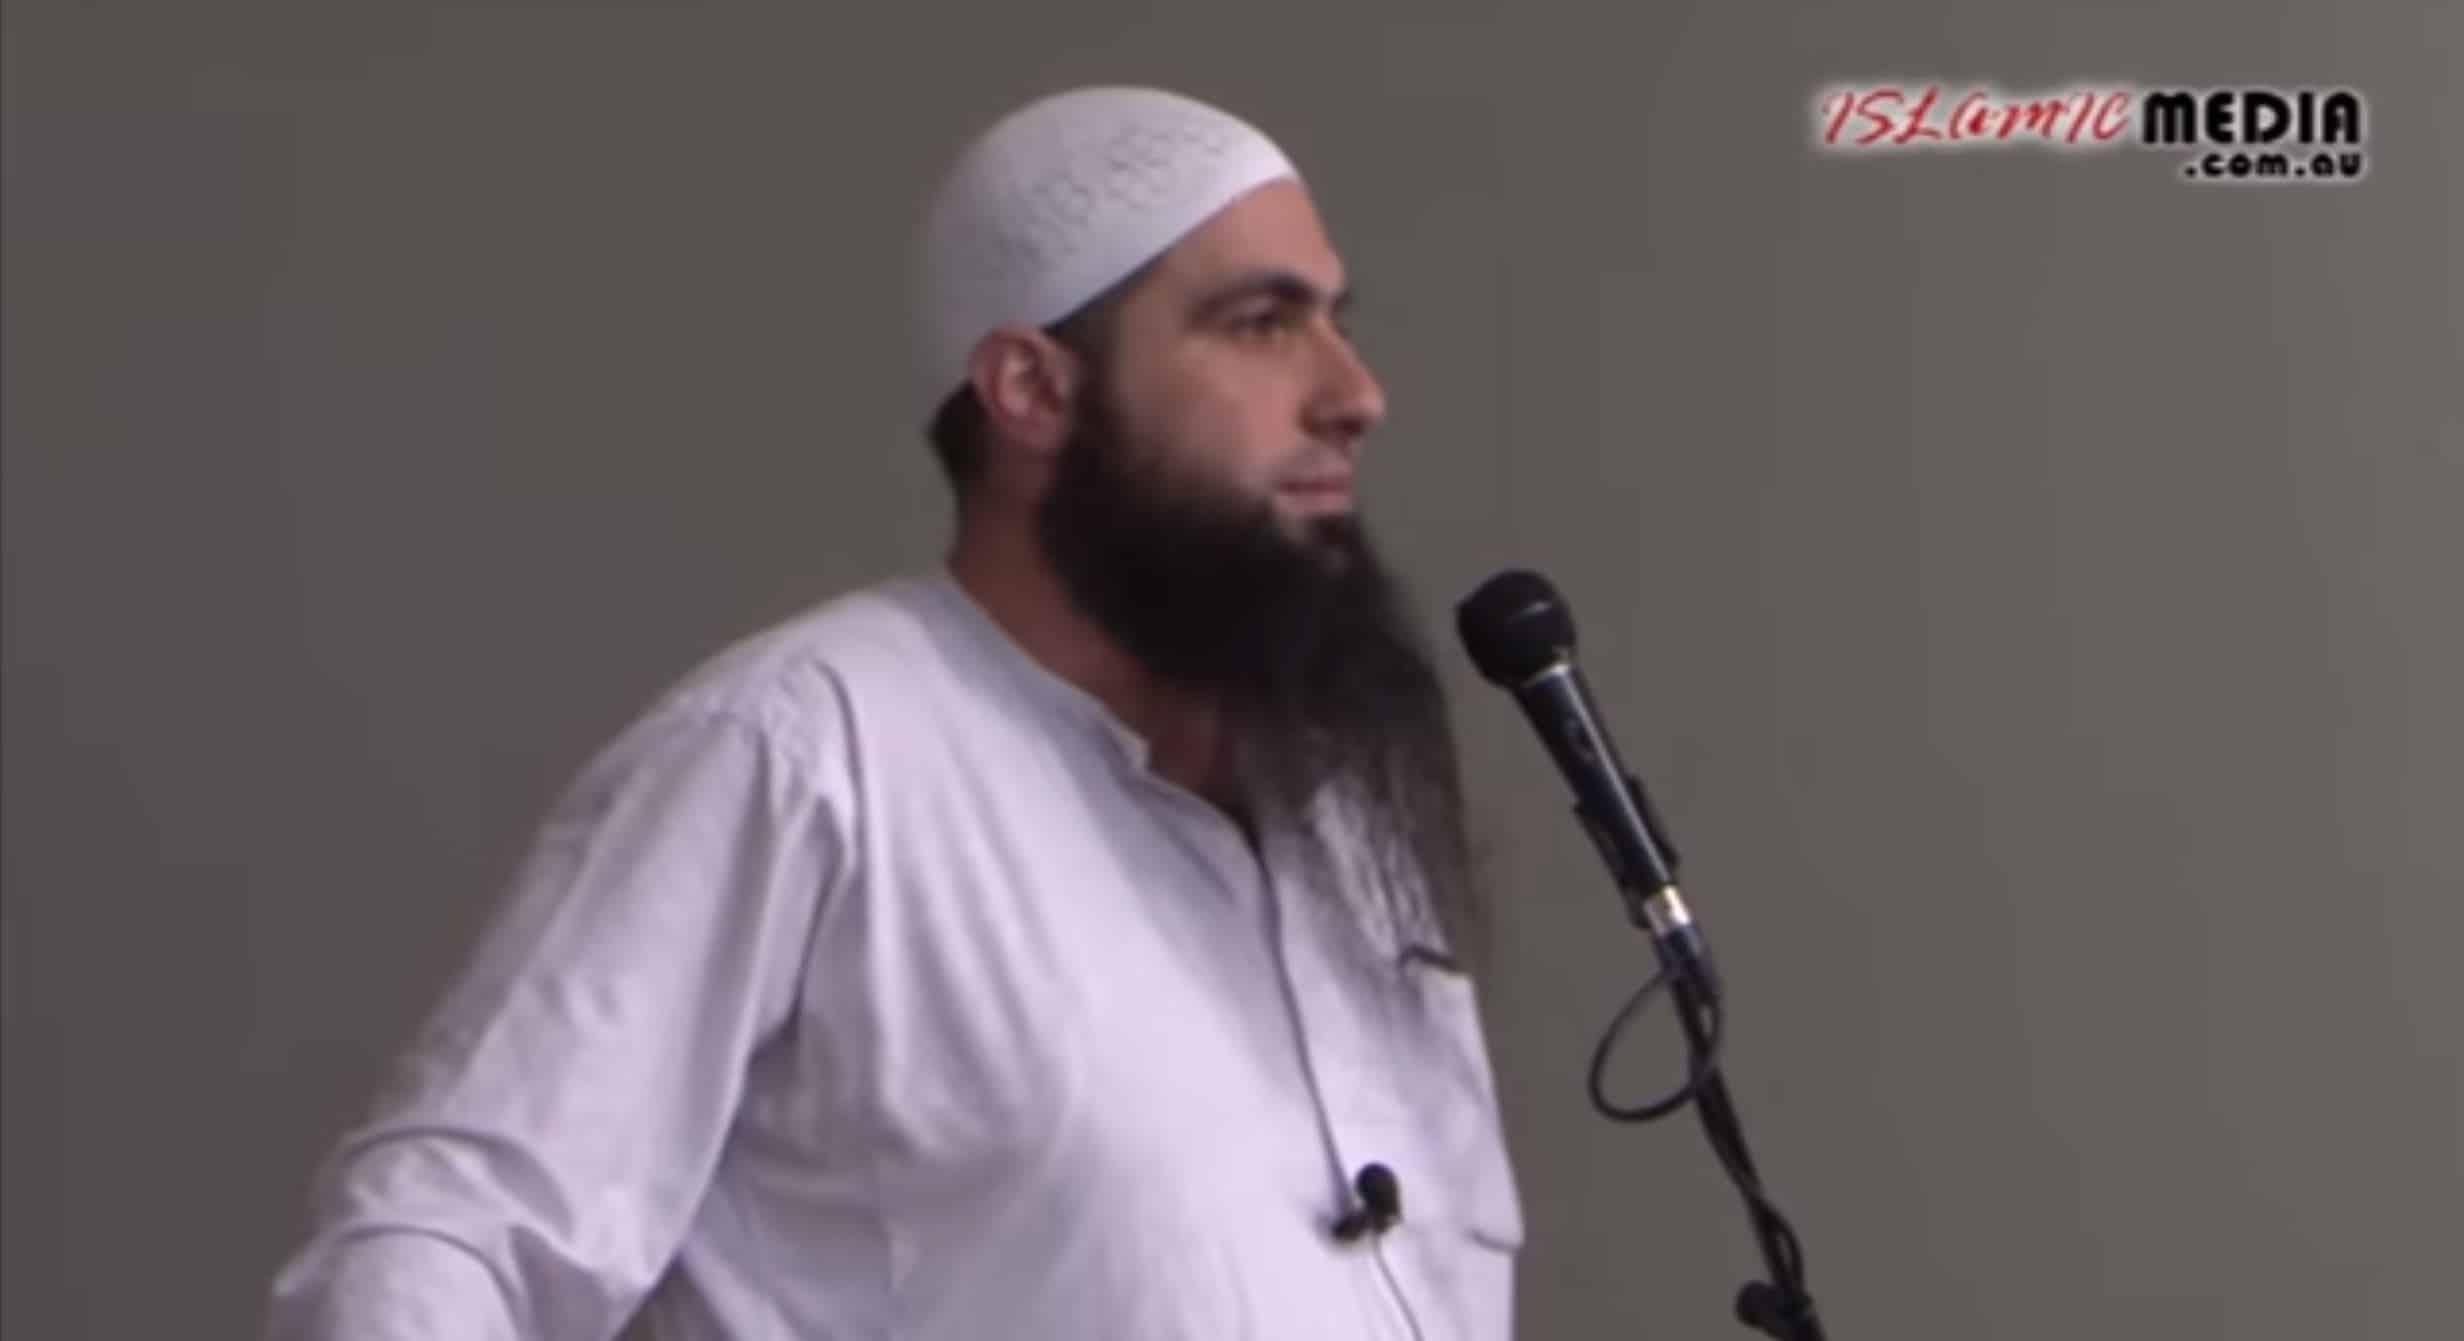 Mohamed Hoblos – The Dead Heart